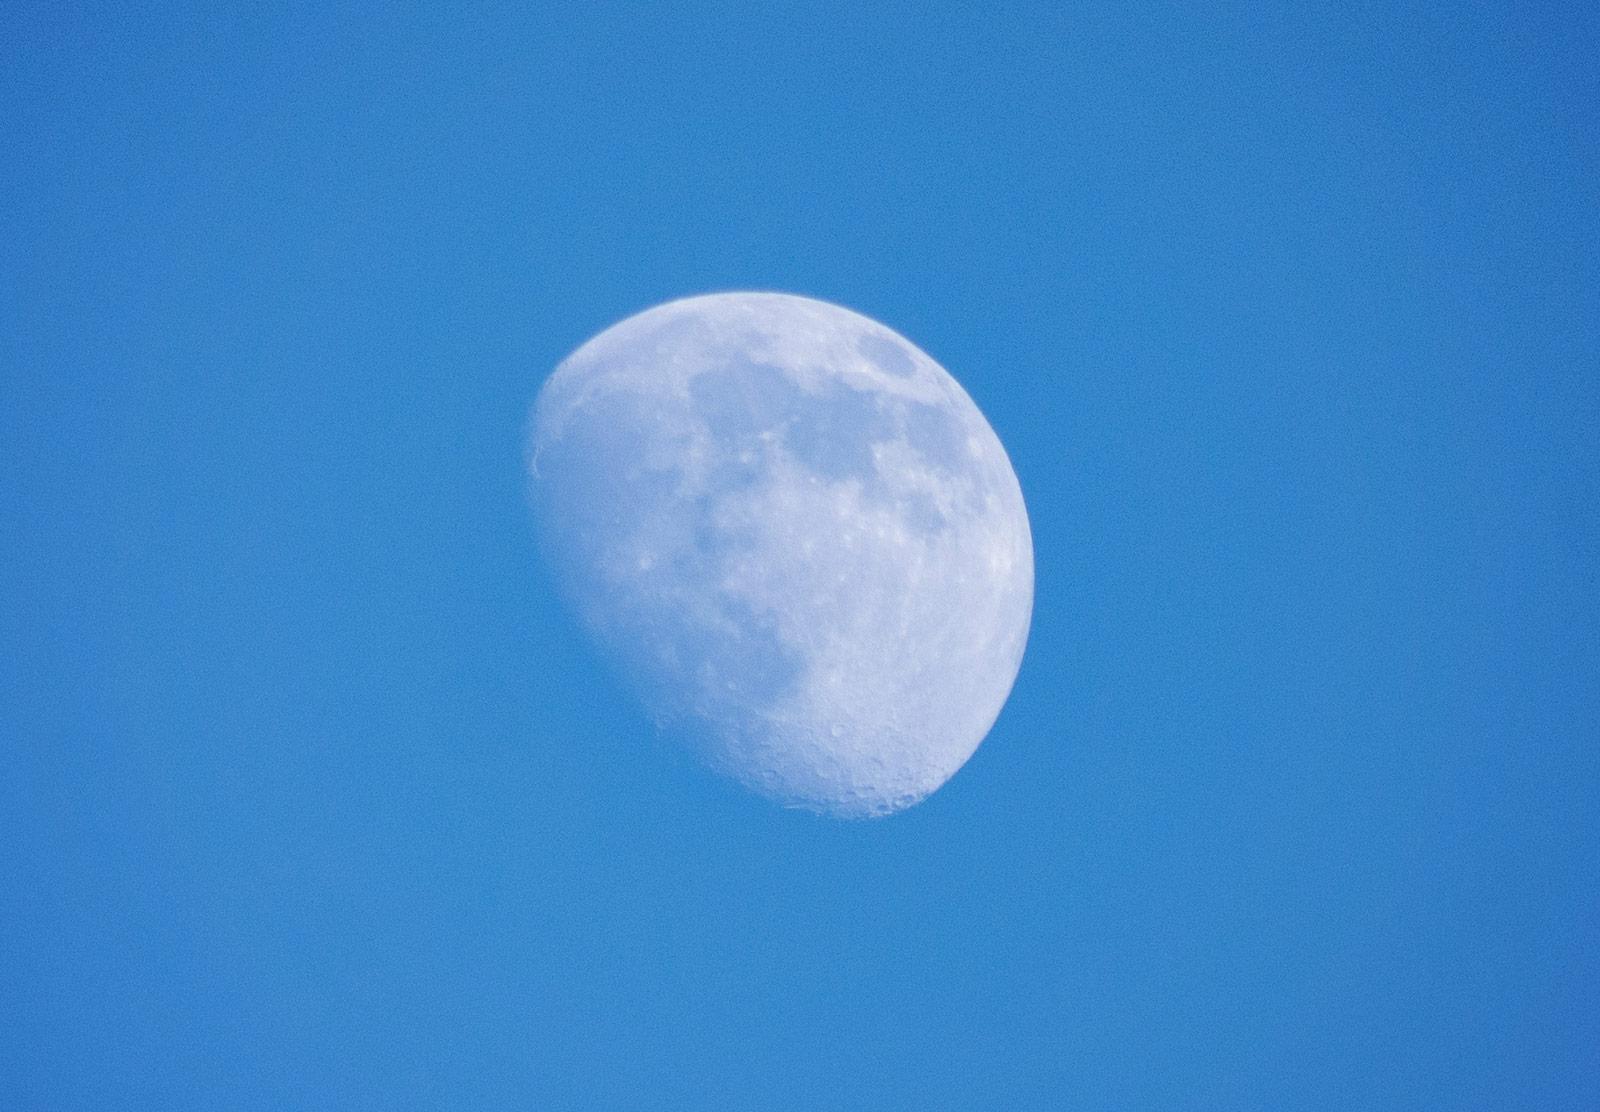 Moon against blue sky